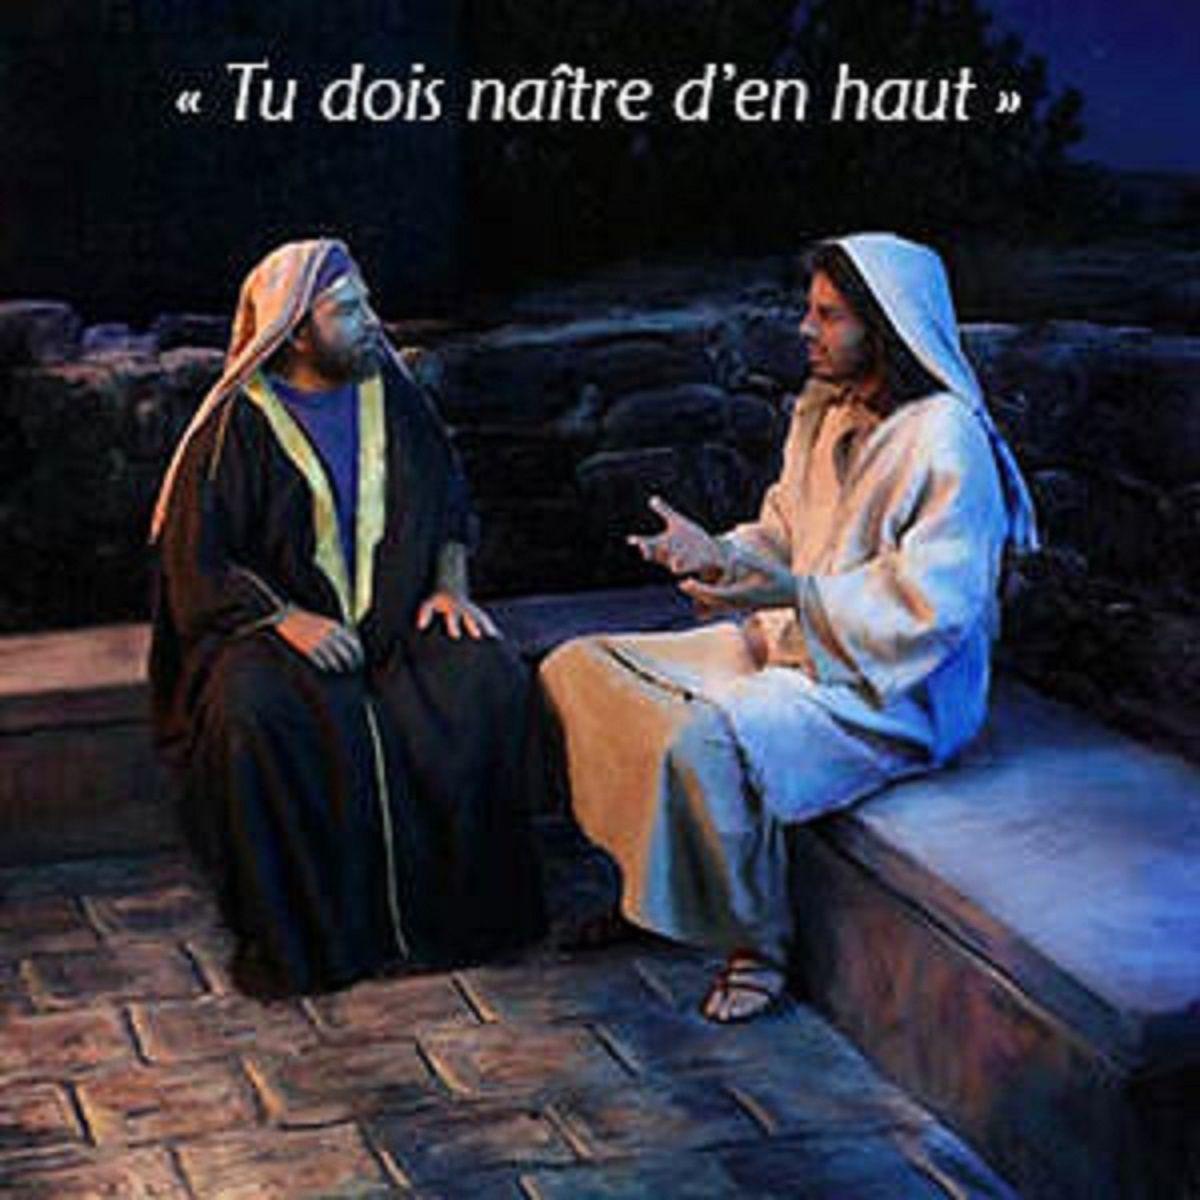 Evangile du 13 Avril « Il vous faut naître d'en haut » (Jn 3, 7b- 15) #parti2zero #evangile